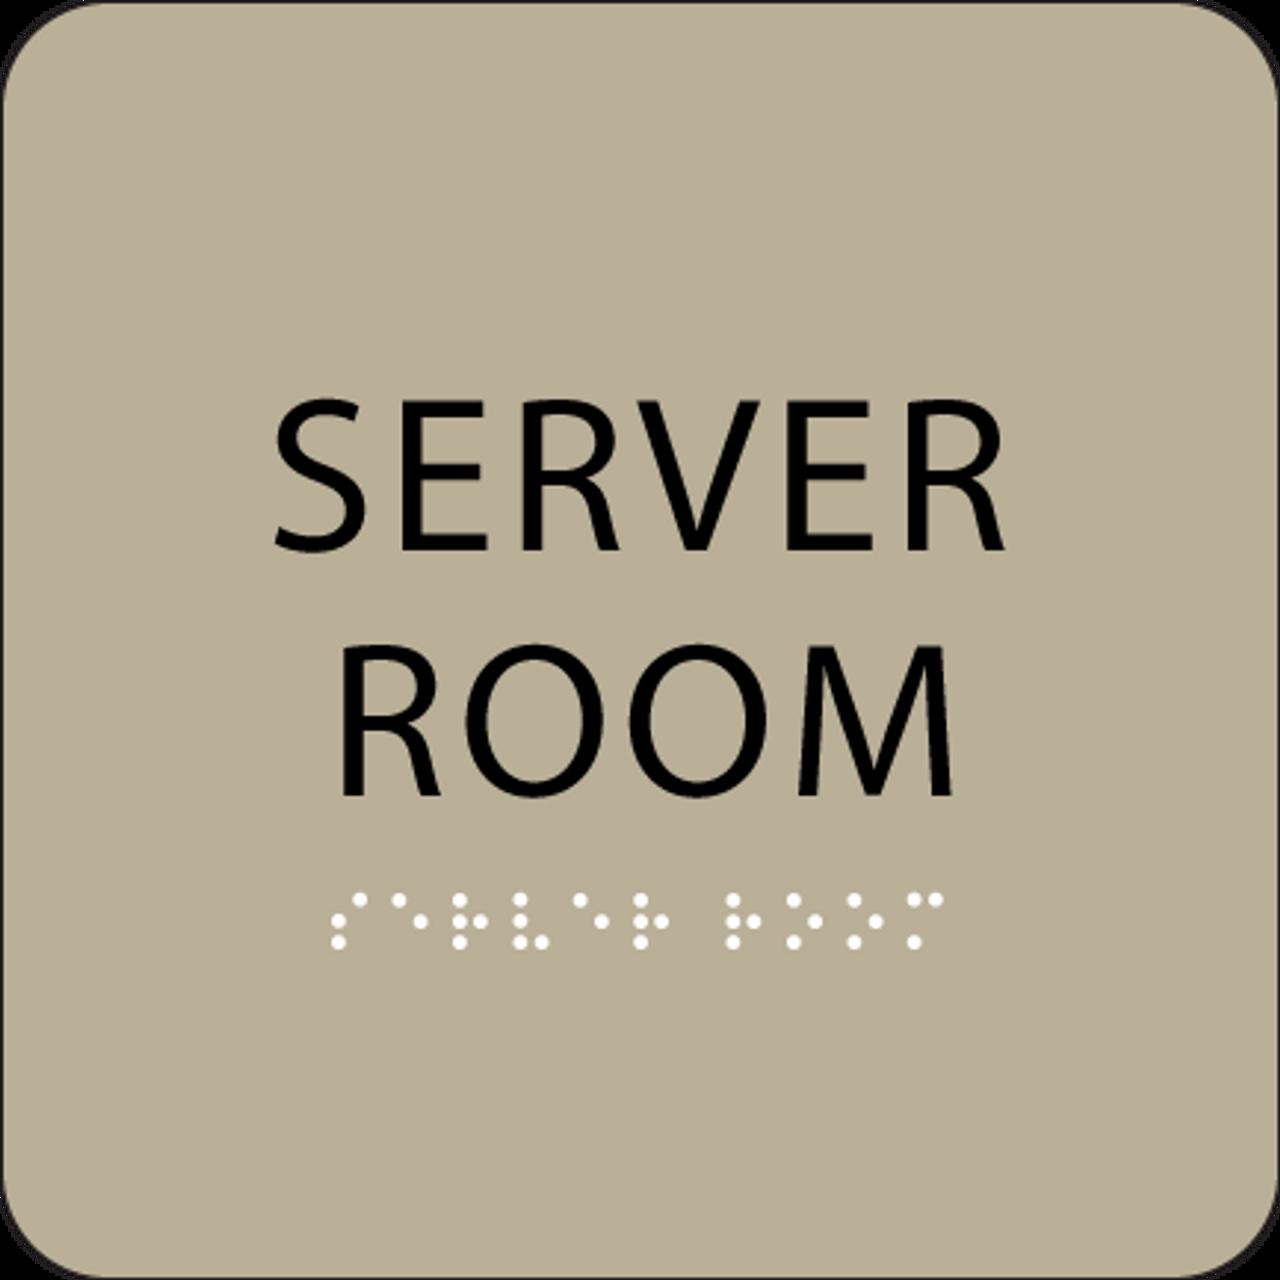 """Server Room ADA Sign - 6"""" x 6"""""""